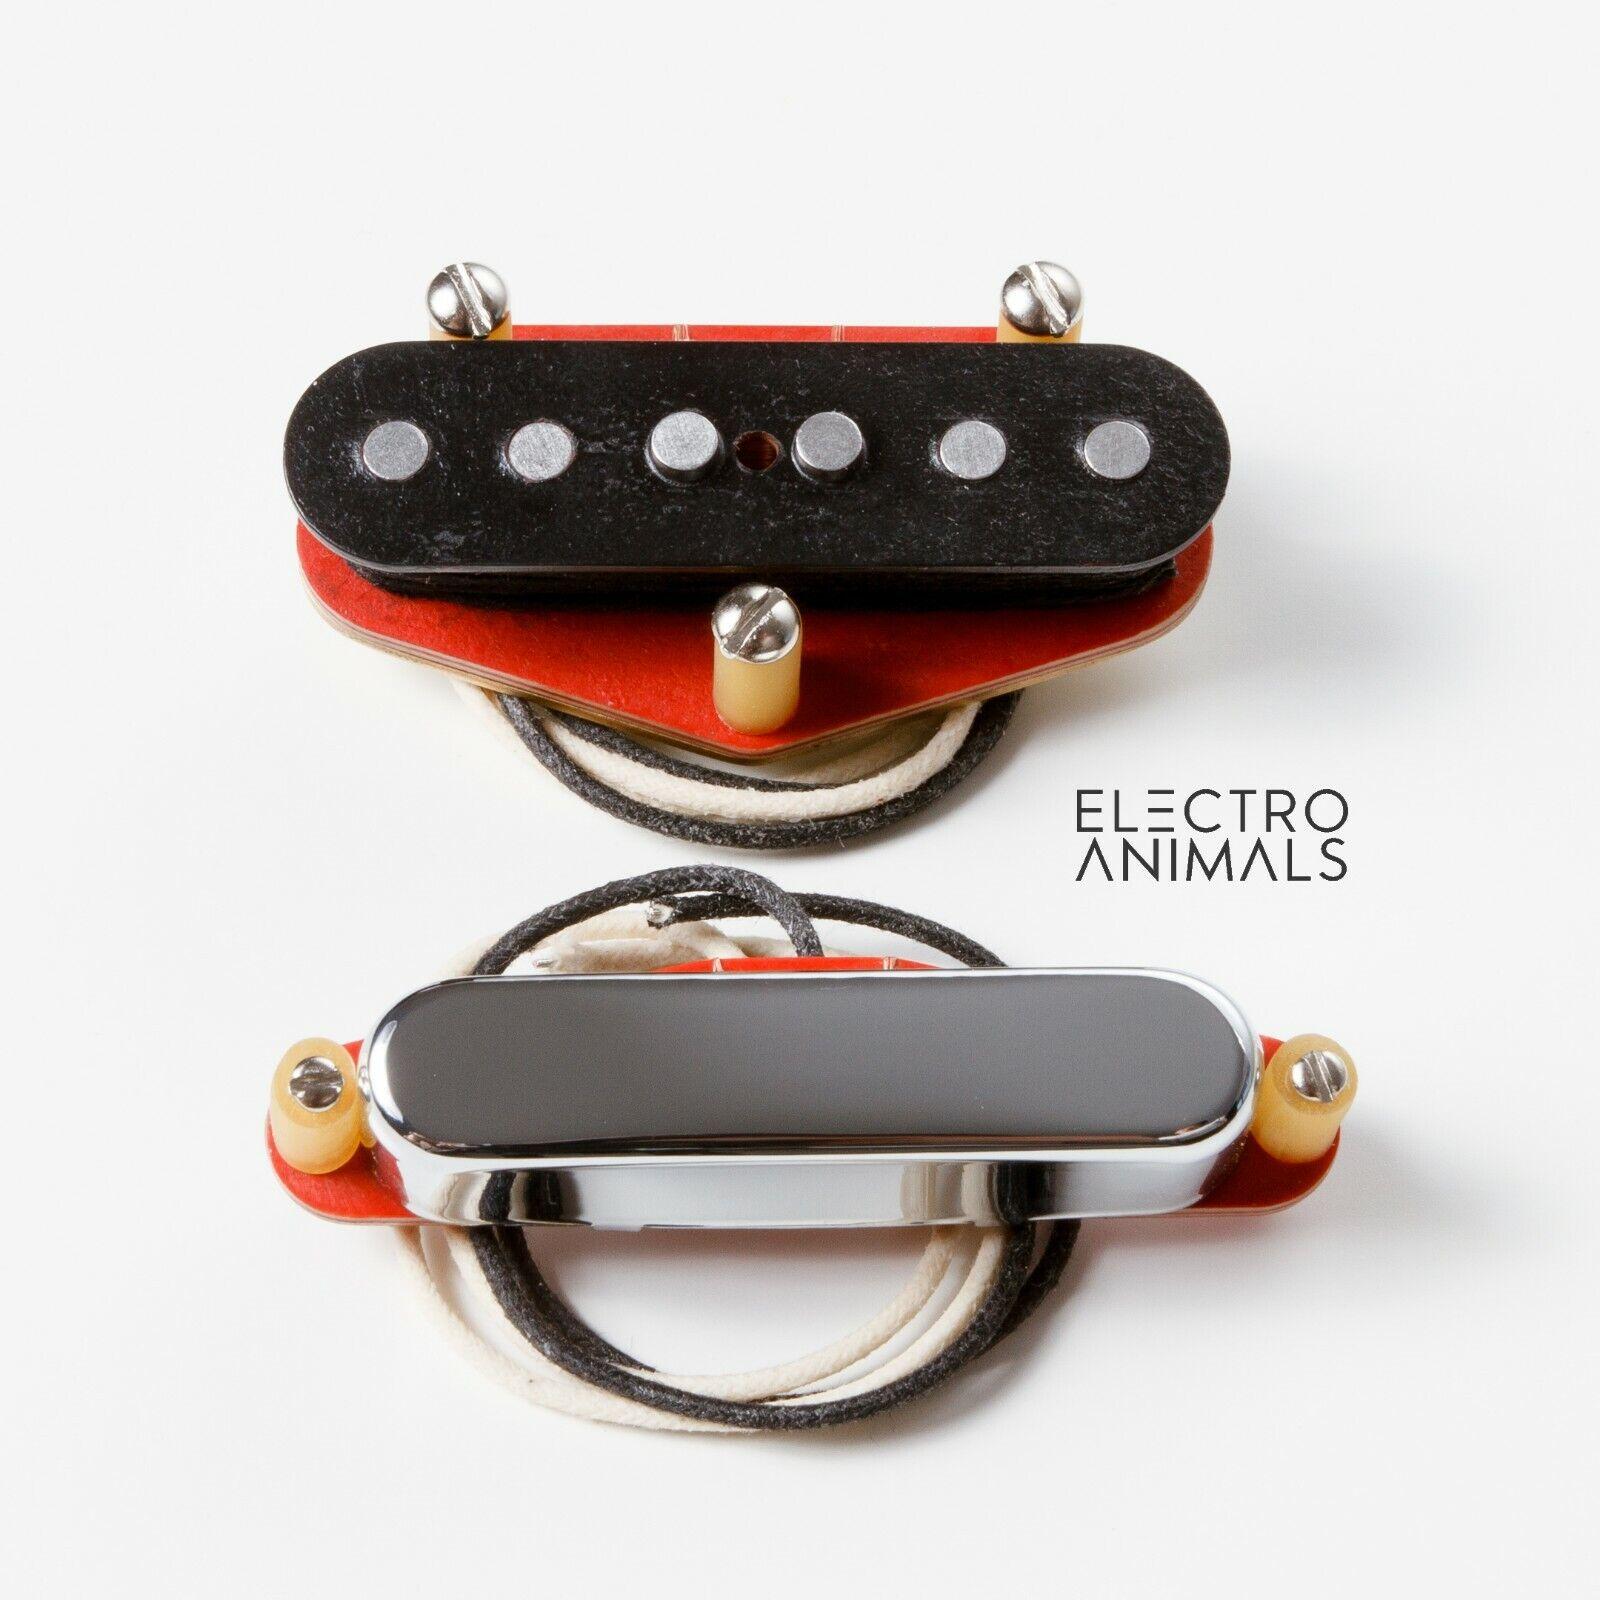 Telecaster Tiger Rock pickups set fit Fender Telecaster tele pickups AlNiCo5